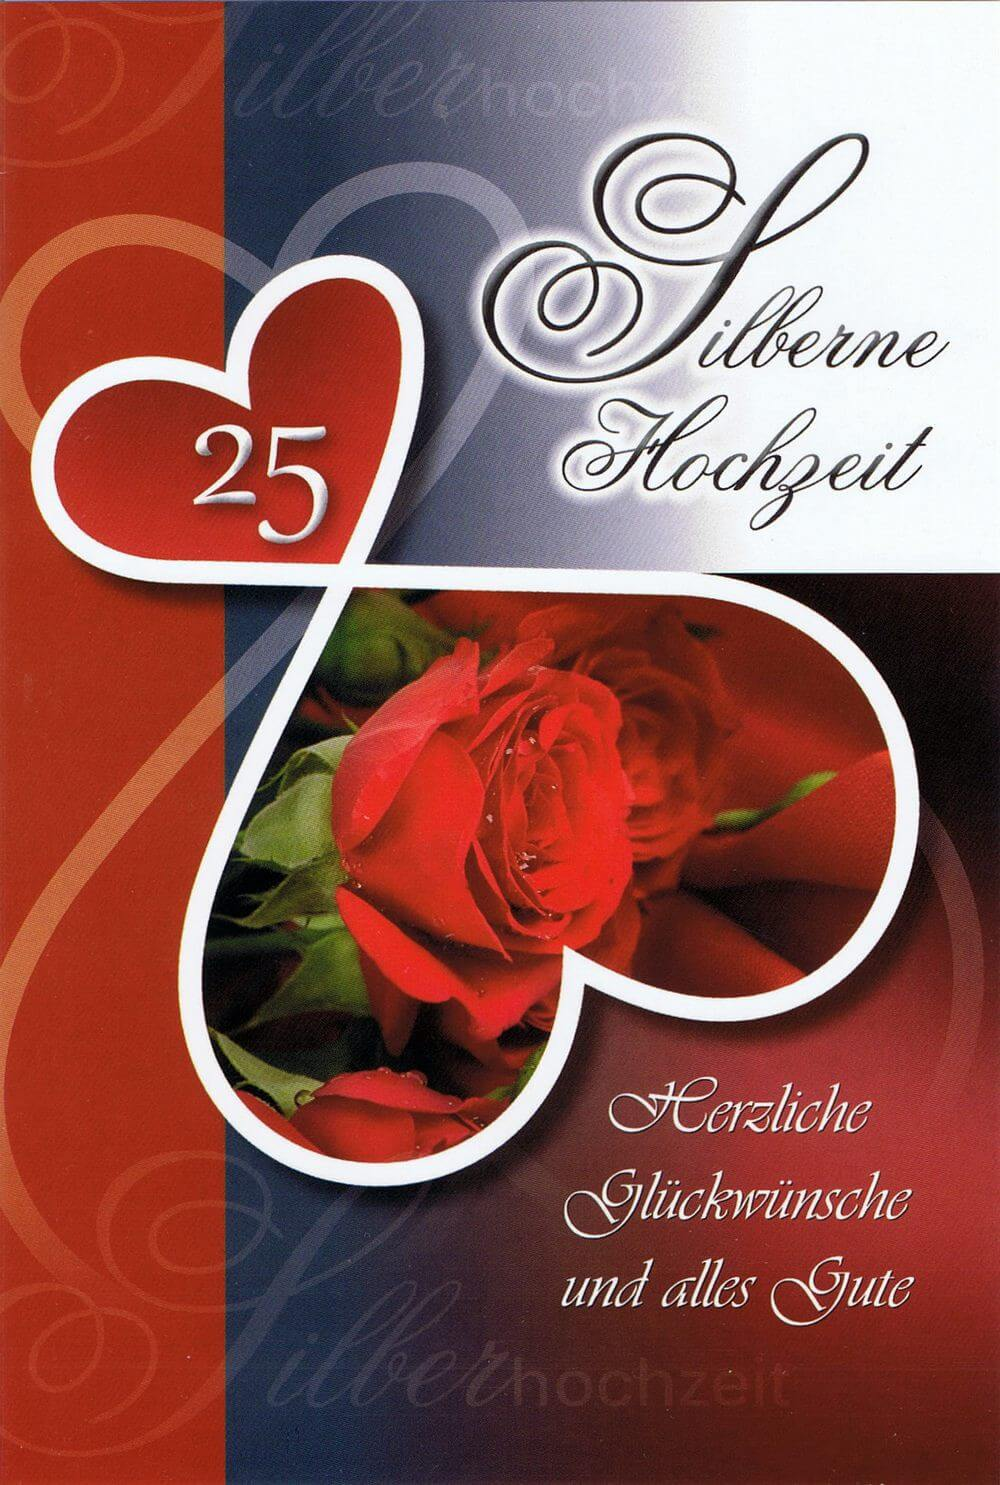 Glückwunschkarte zur silbernen Hochzeit - Kartenwichtel.de